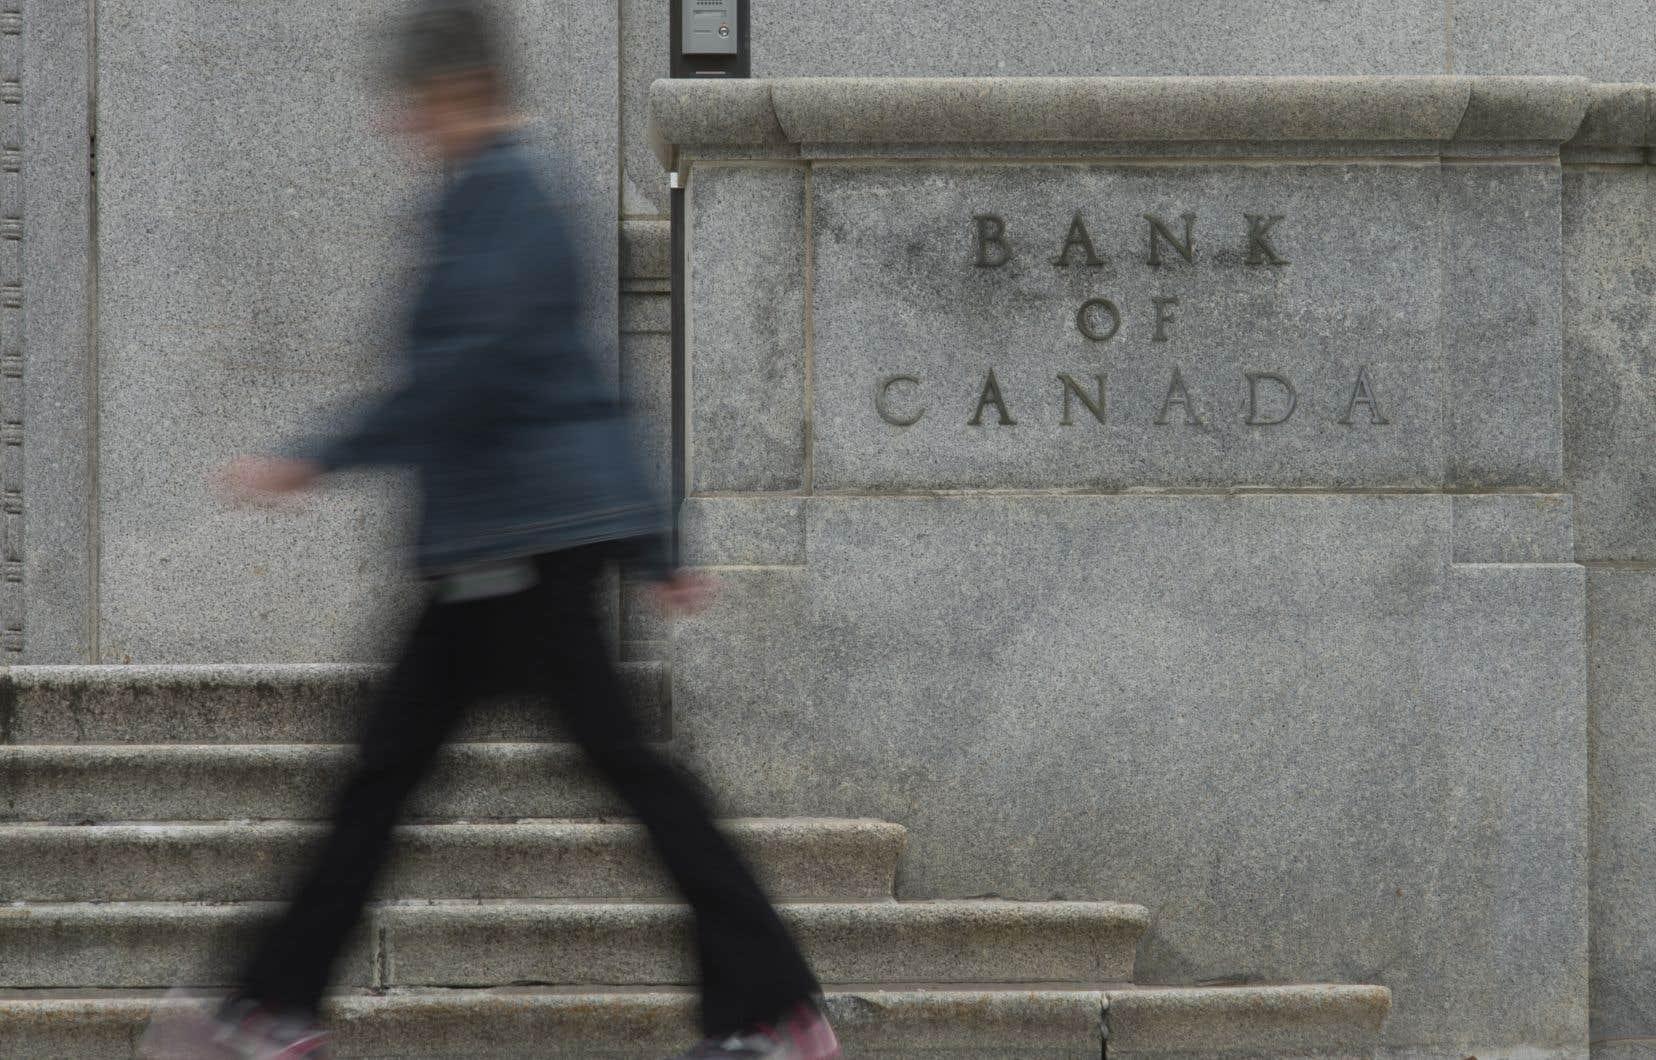 La banque centrale pourrait émettre sa propre monnaie numérique si des cryptomonnaies privées devenaient très populaires au Canada.